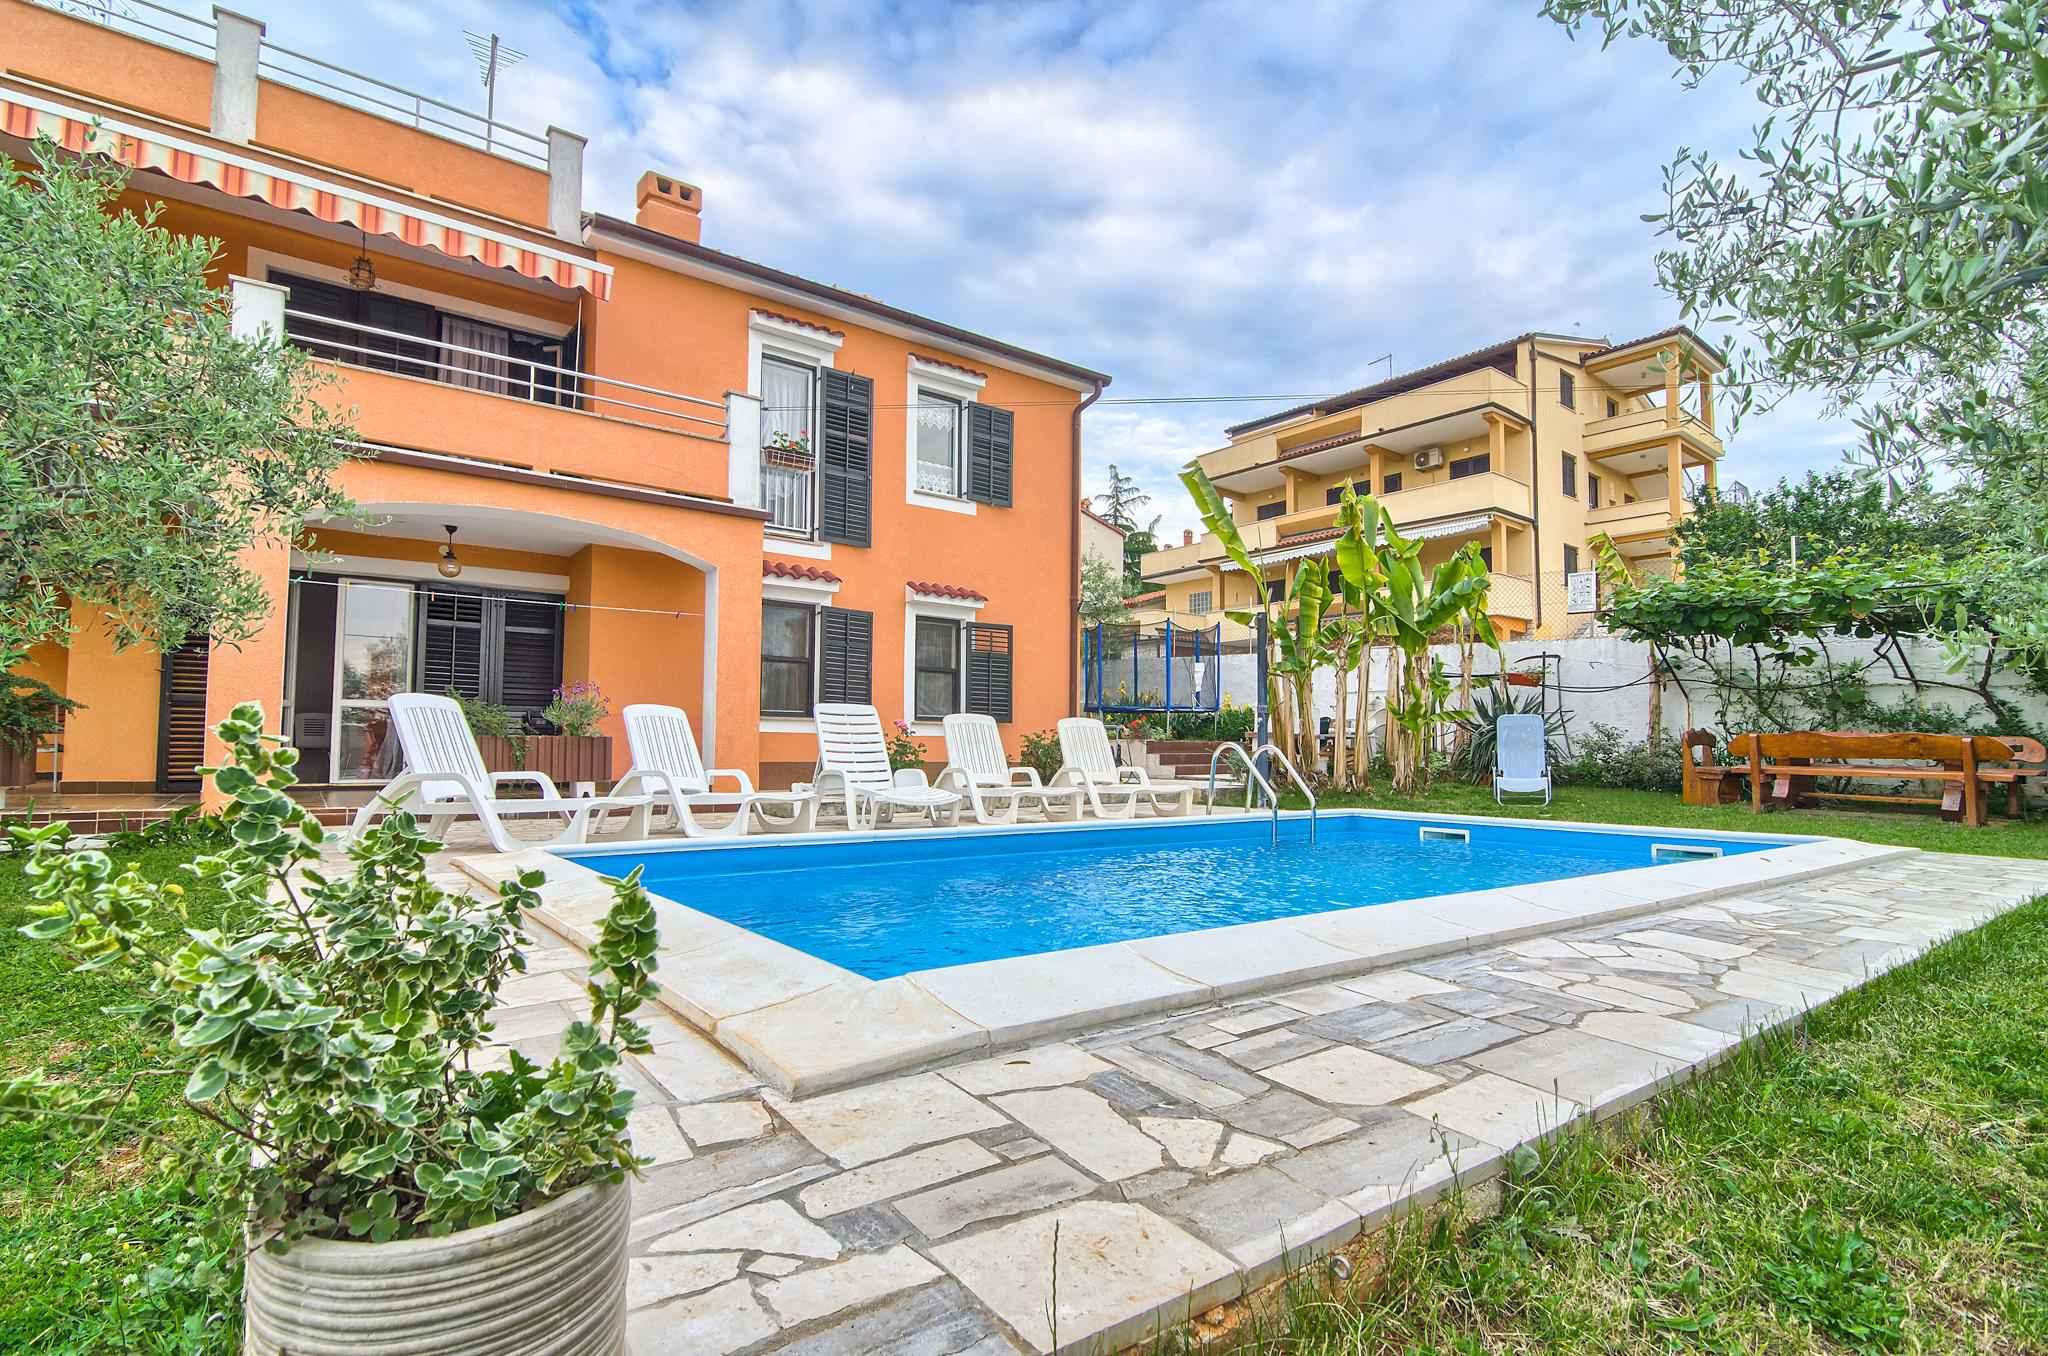 Ferienwohnung mit Pool und 32 qm Terrasse (280631), Pula, , Istrien, Kroatien, Bild 2